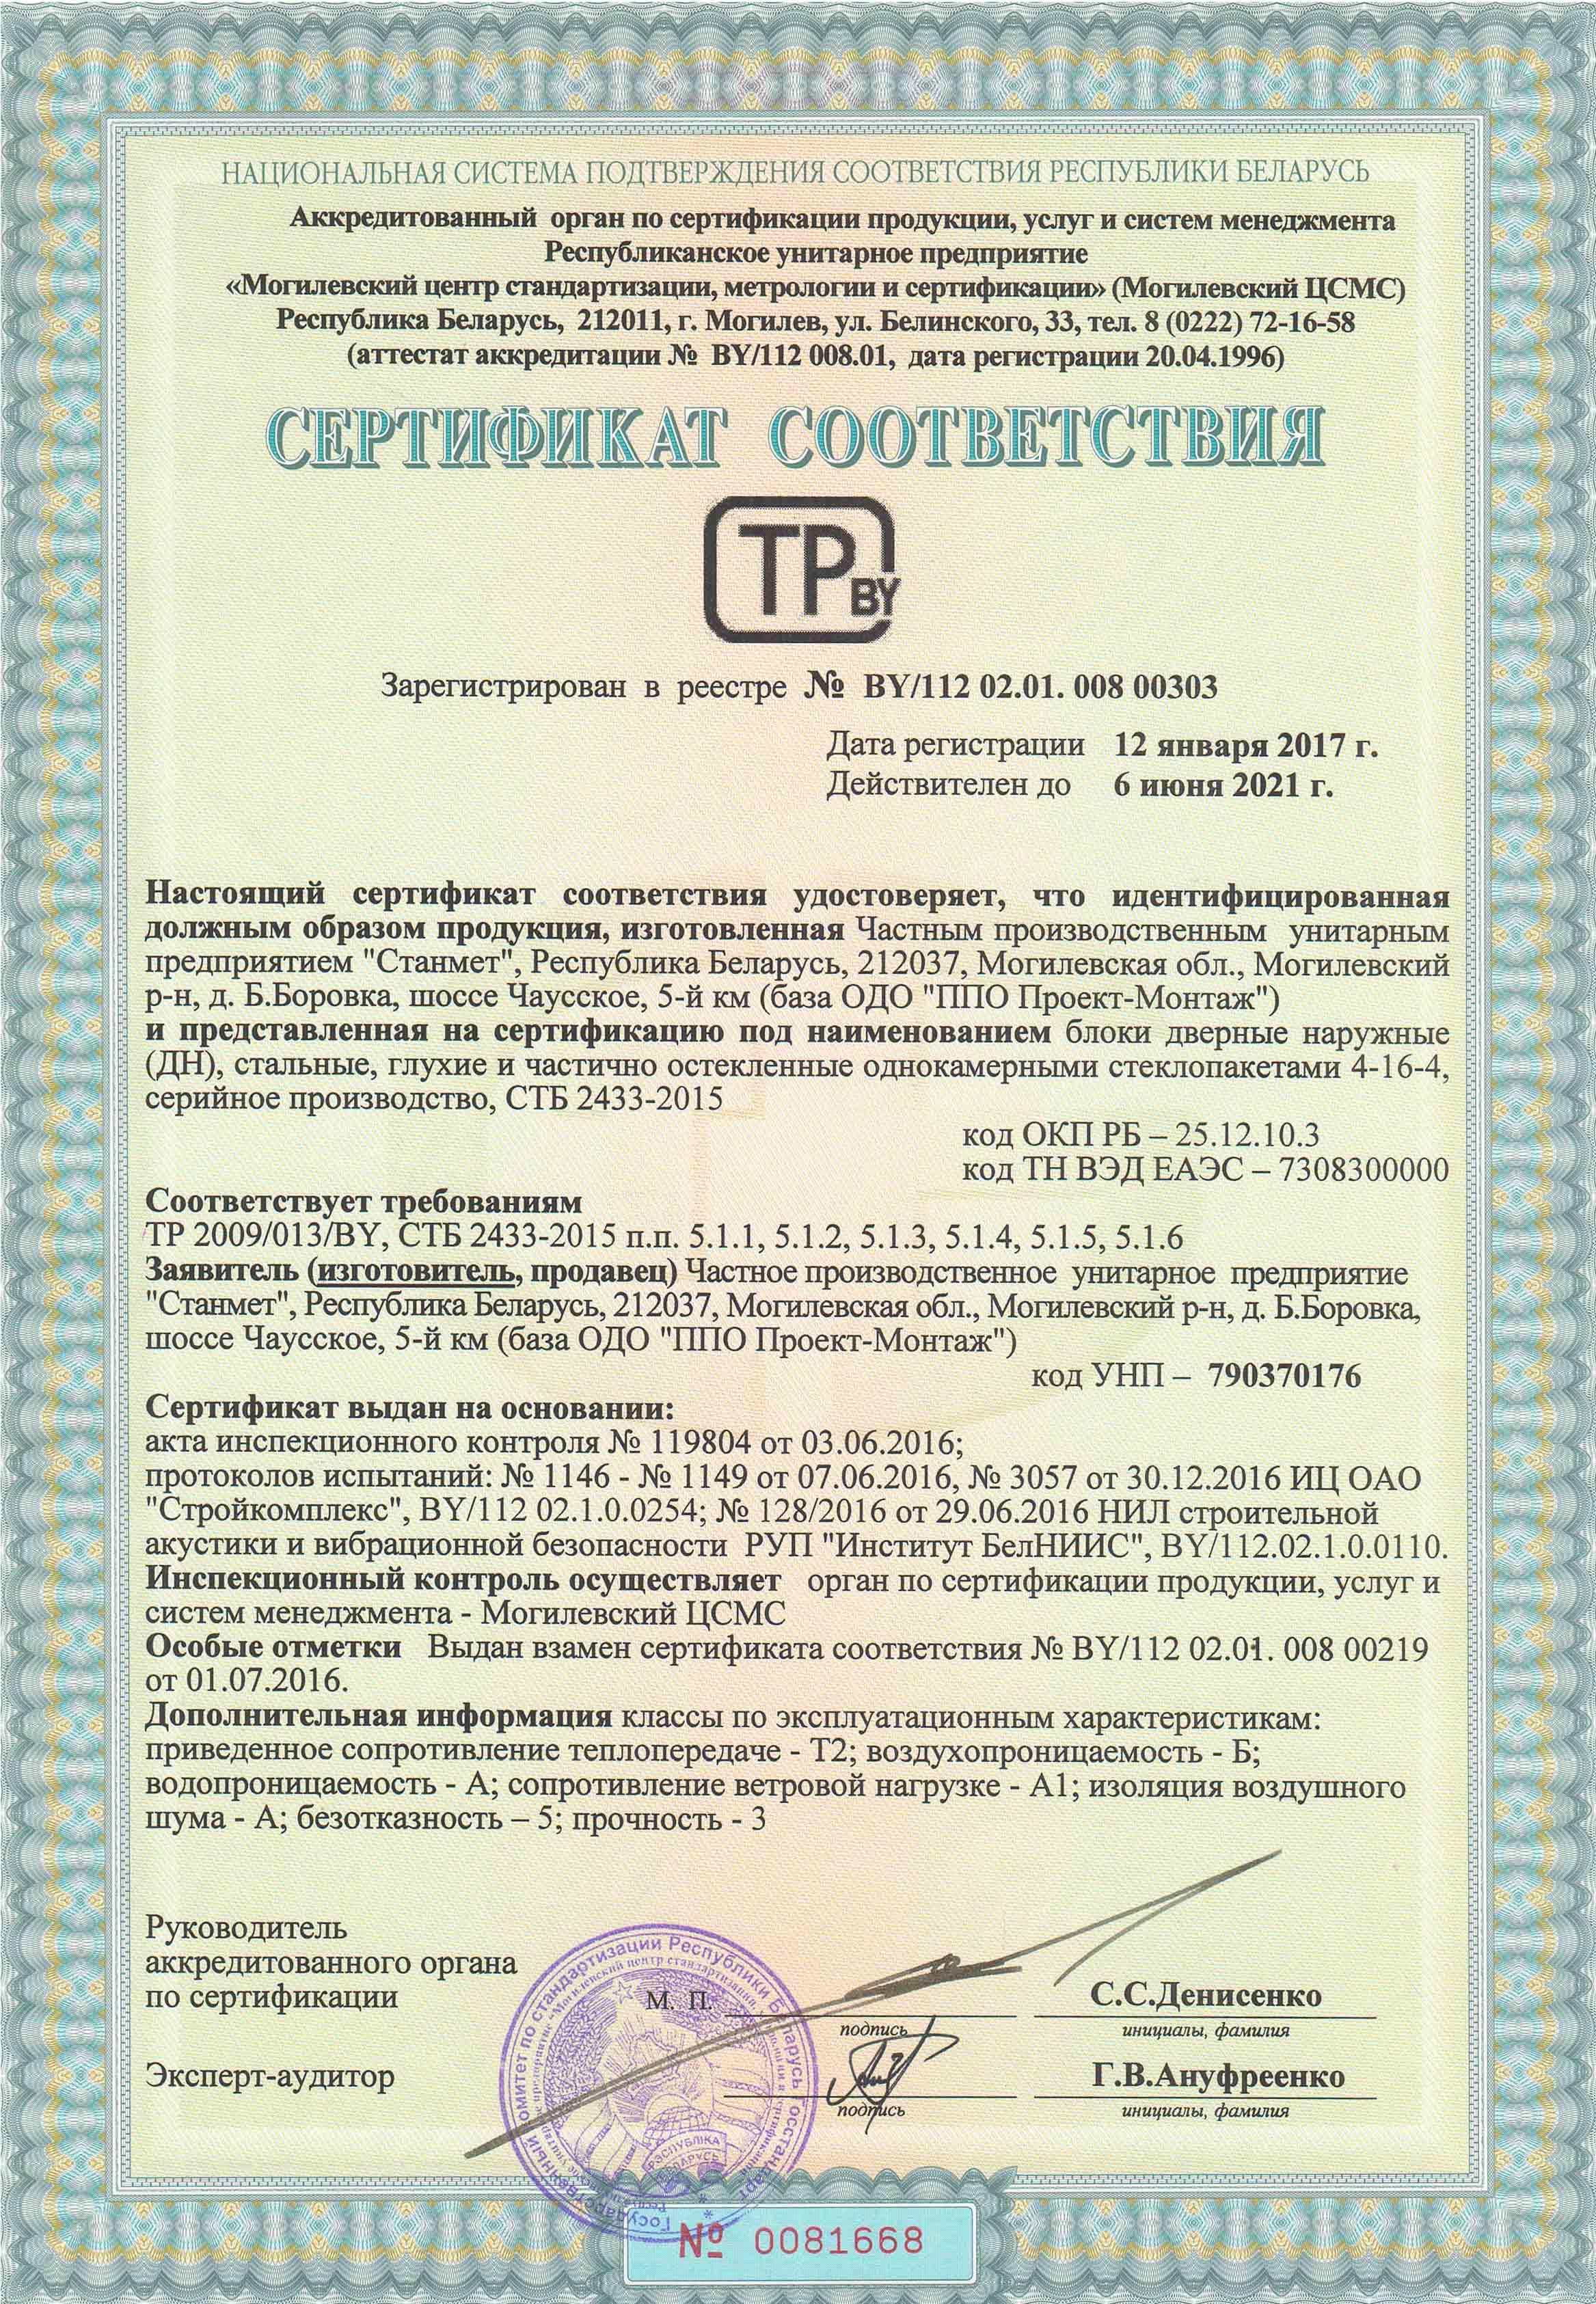 Сертификат ДН